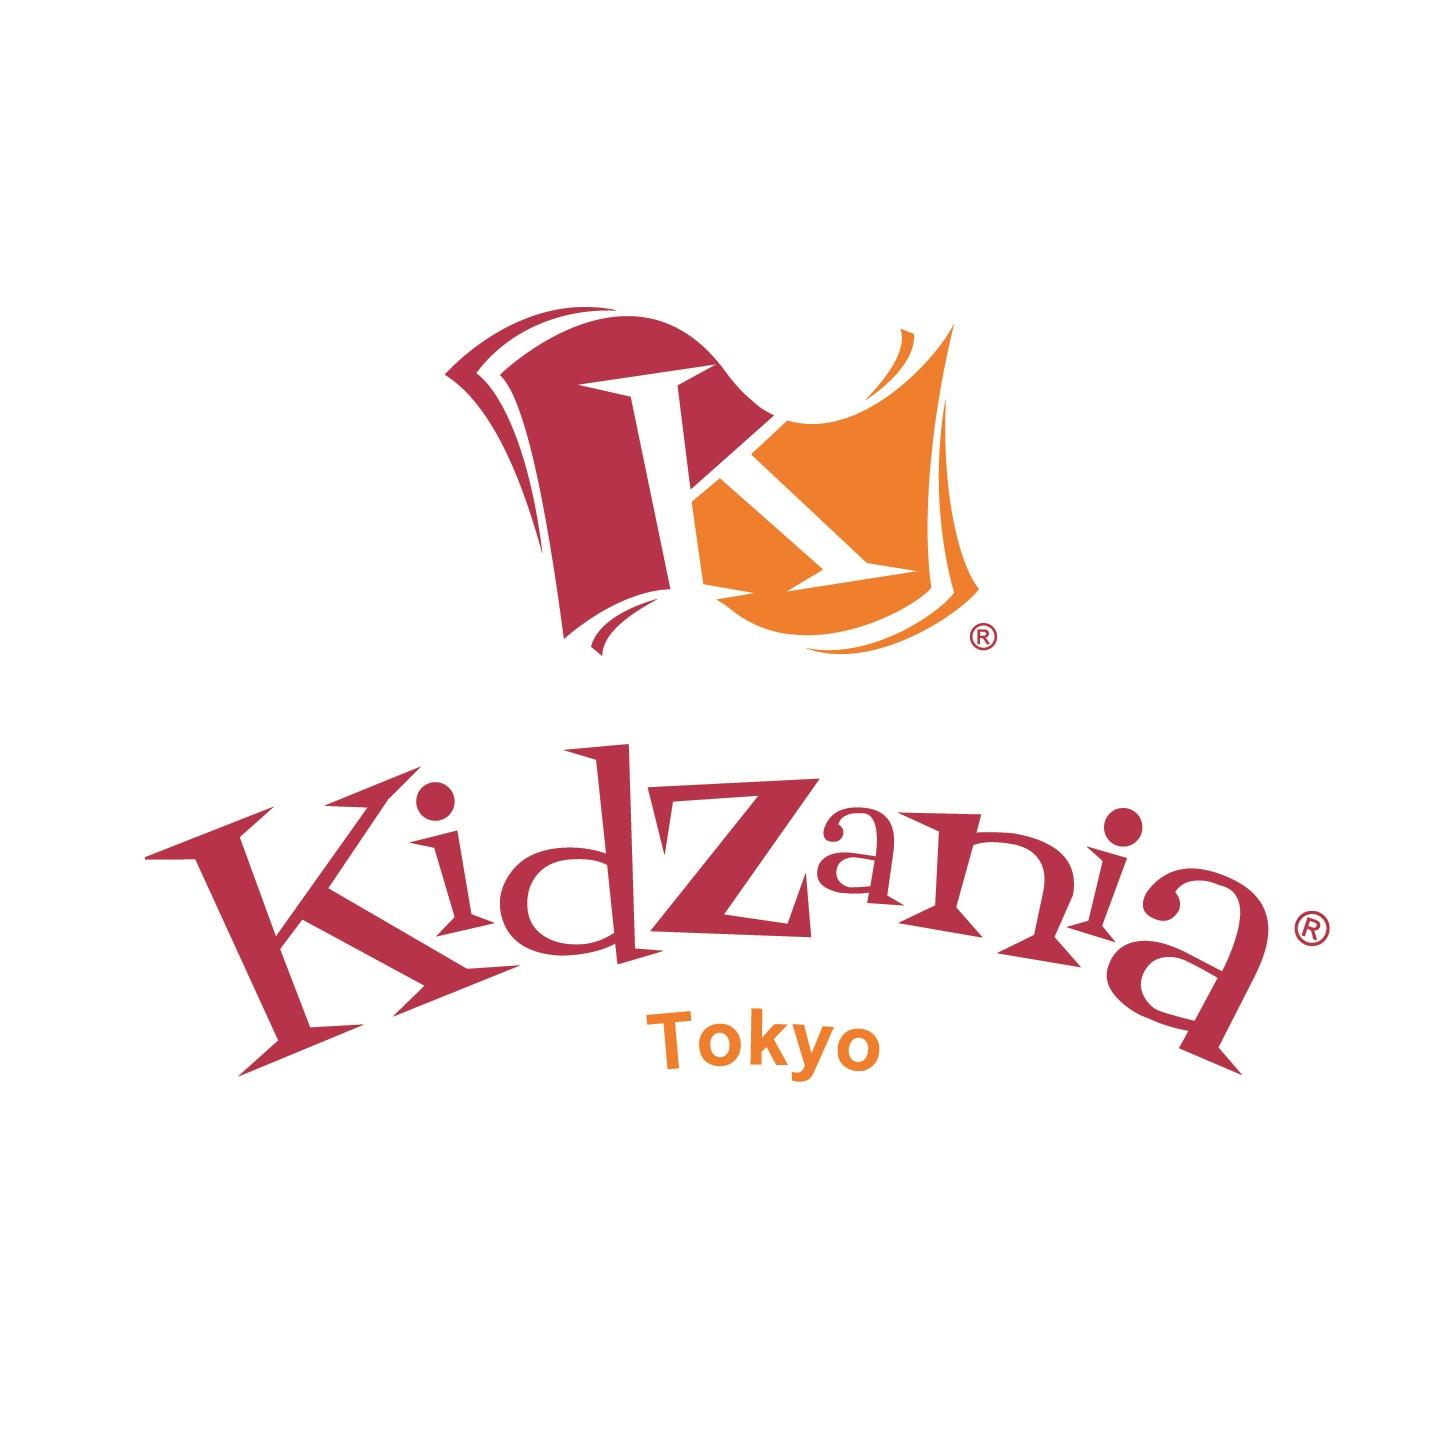 KidZania东京